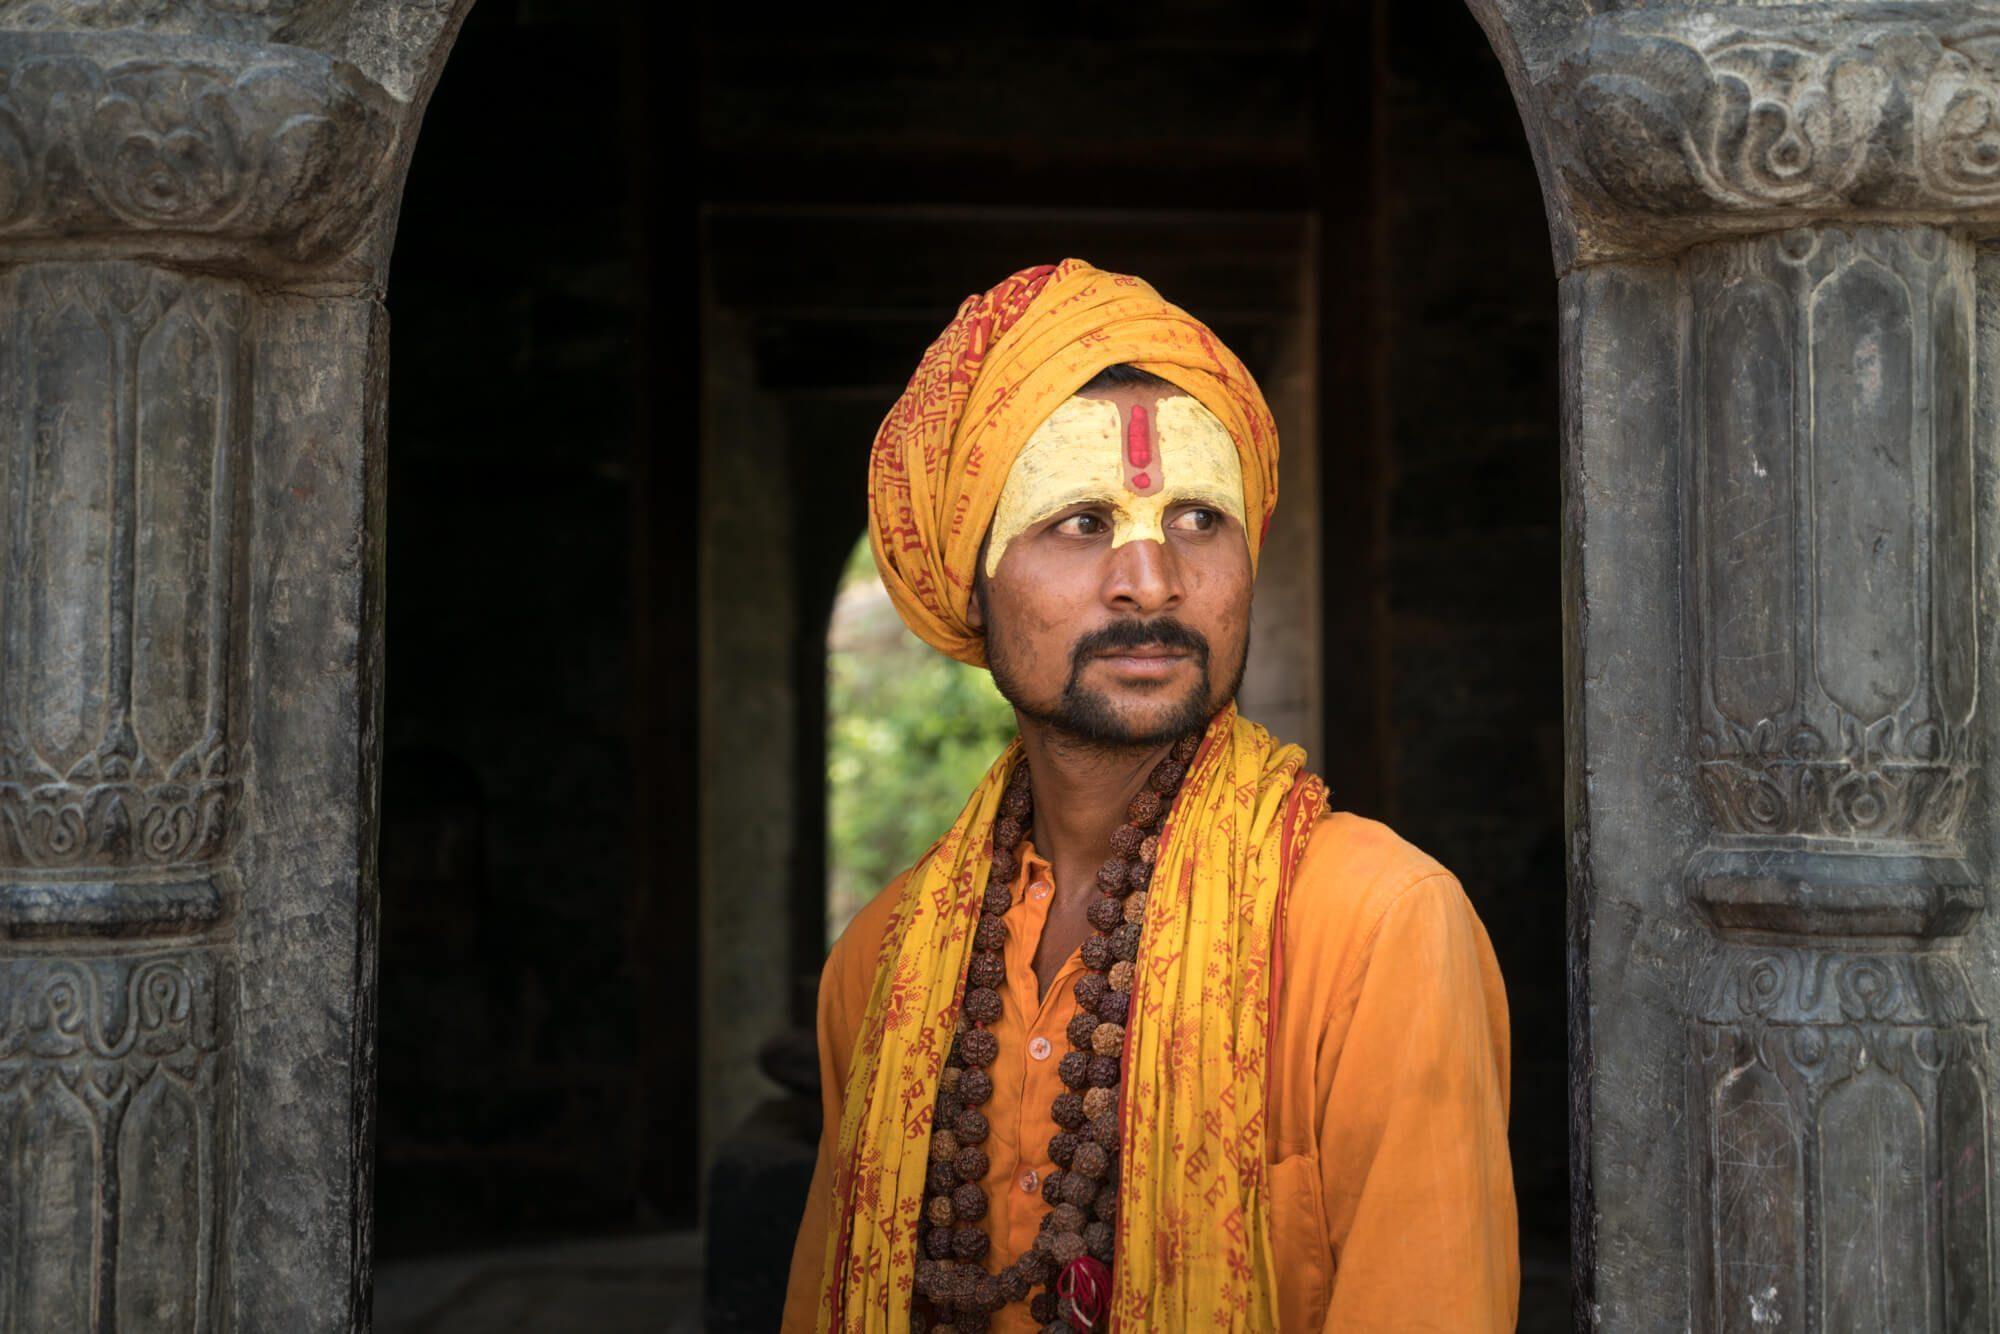 A sadhu at Pashupatinath Temple